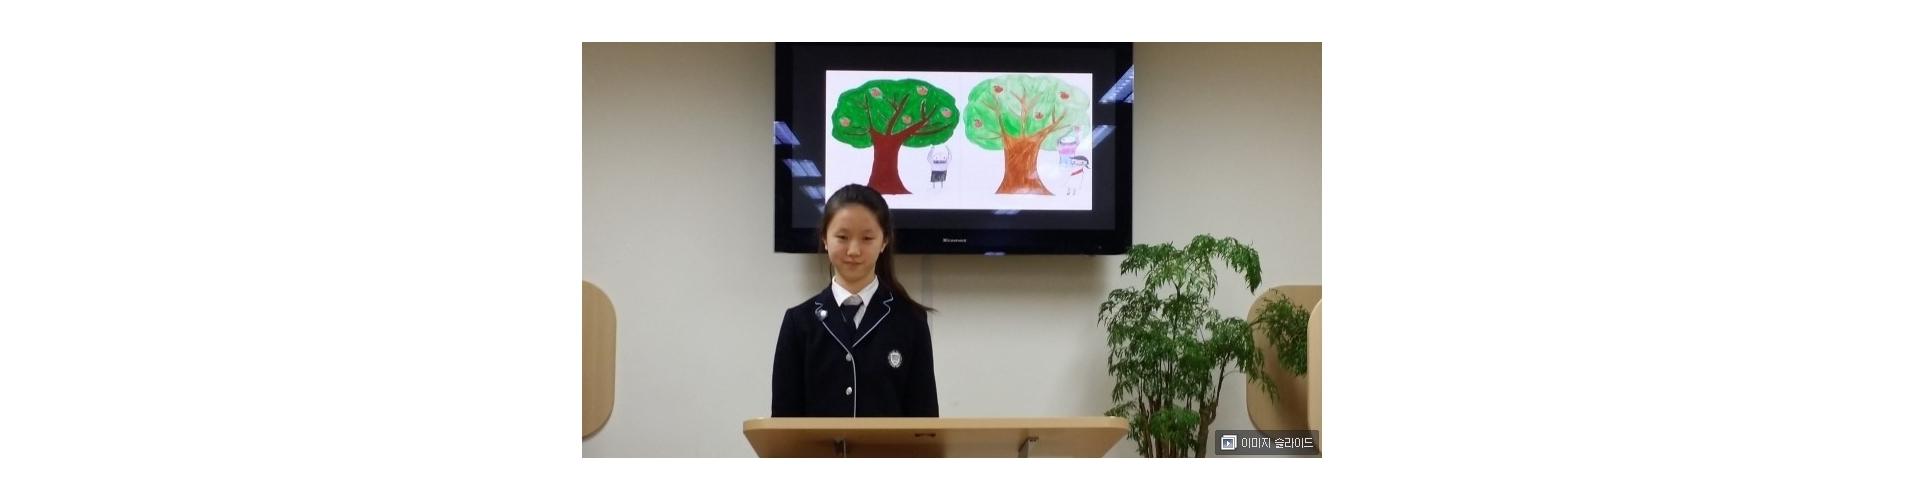 2013년 2학기 여호수아반 PBS-GBS 발표시간